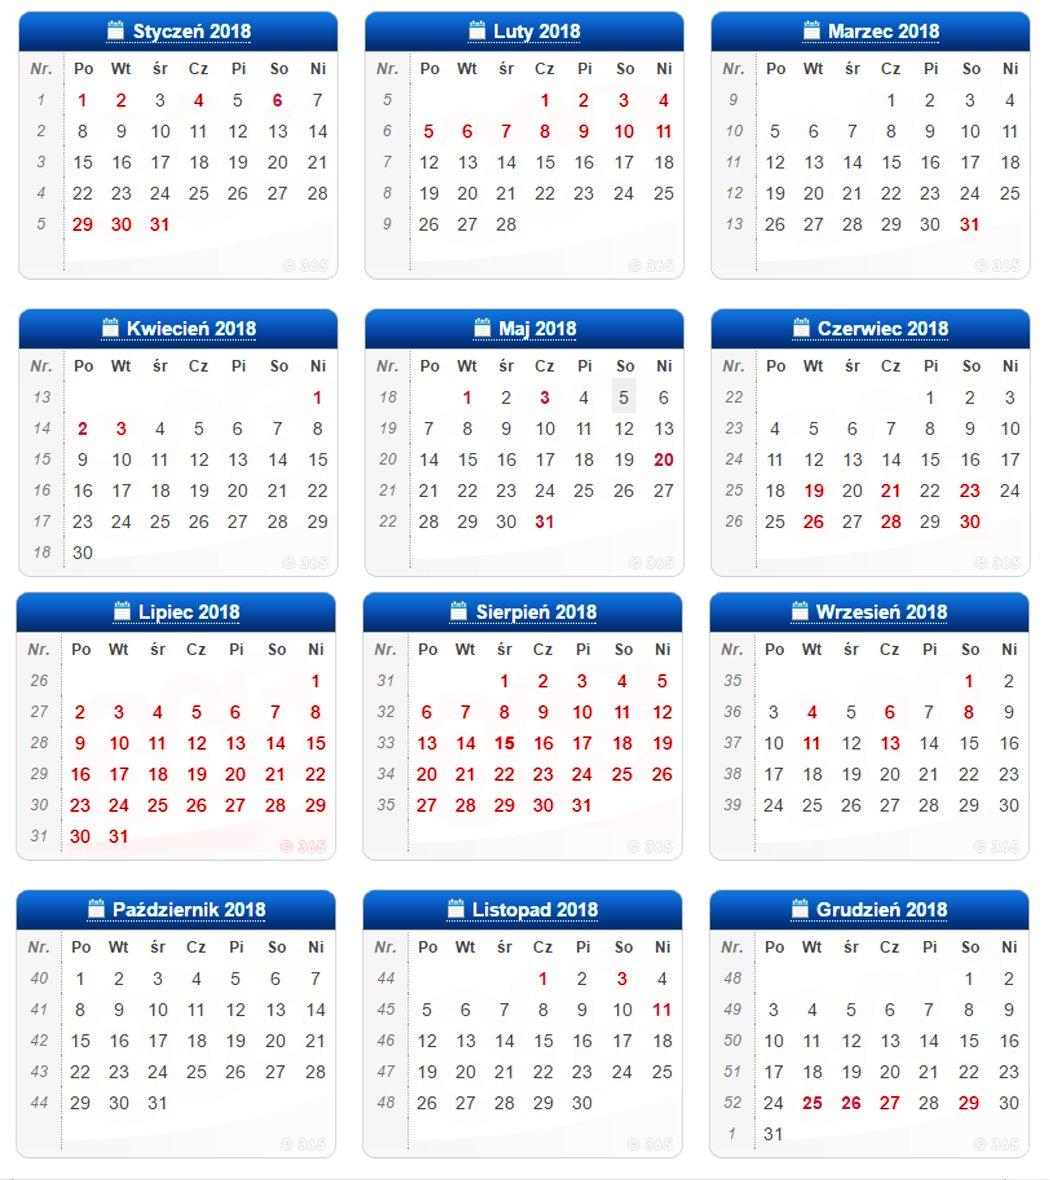 Kalendarz zajęć sportowych na basenie MOSiR Gdańsk Chełm i Politechniki Gdańskiej na 2018 rok